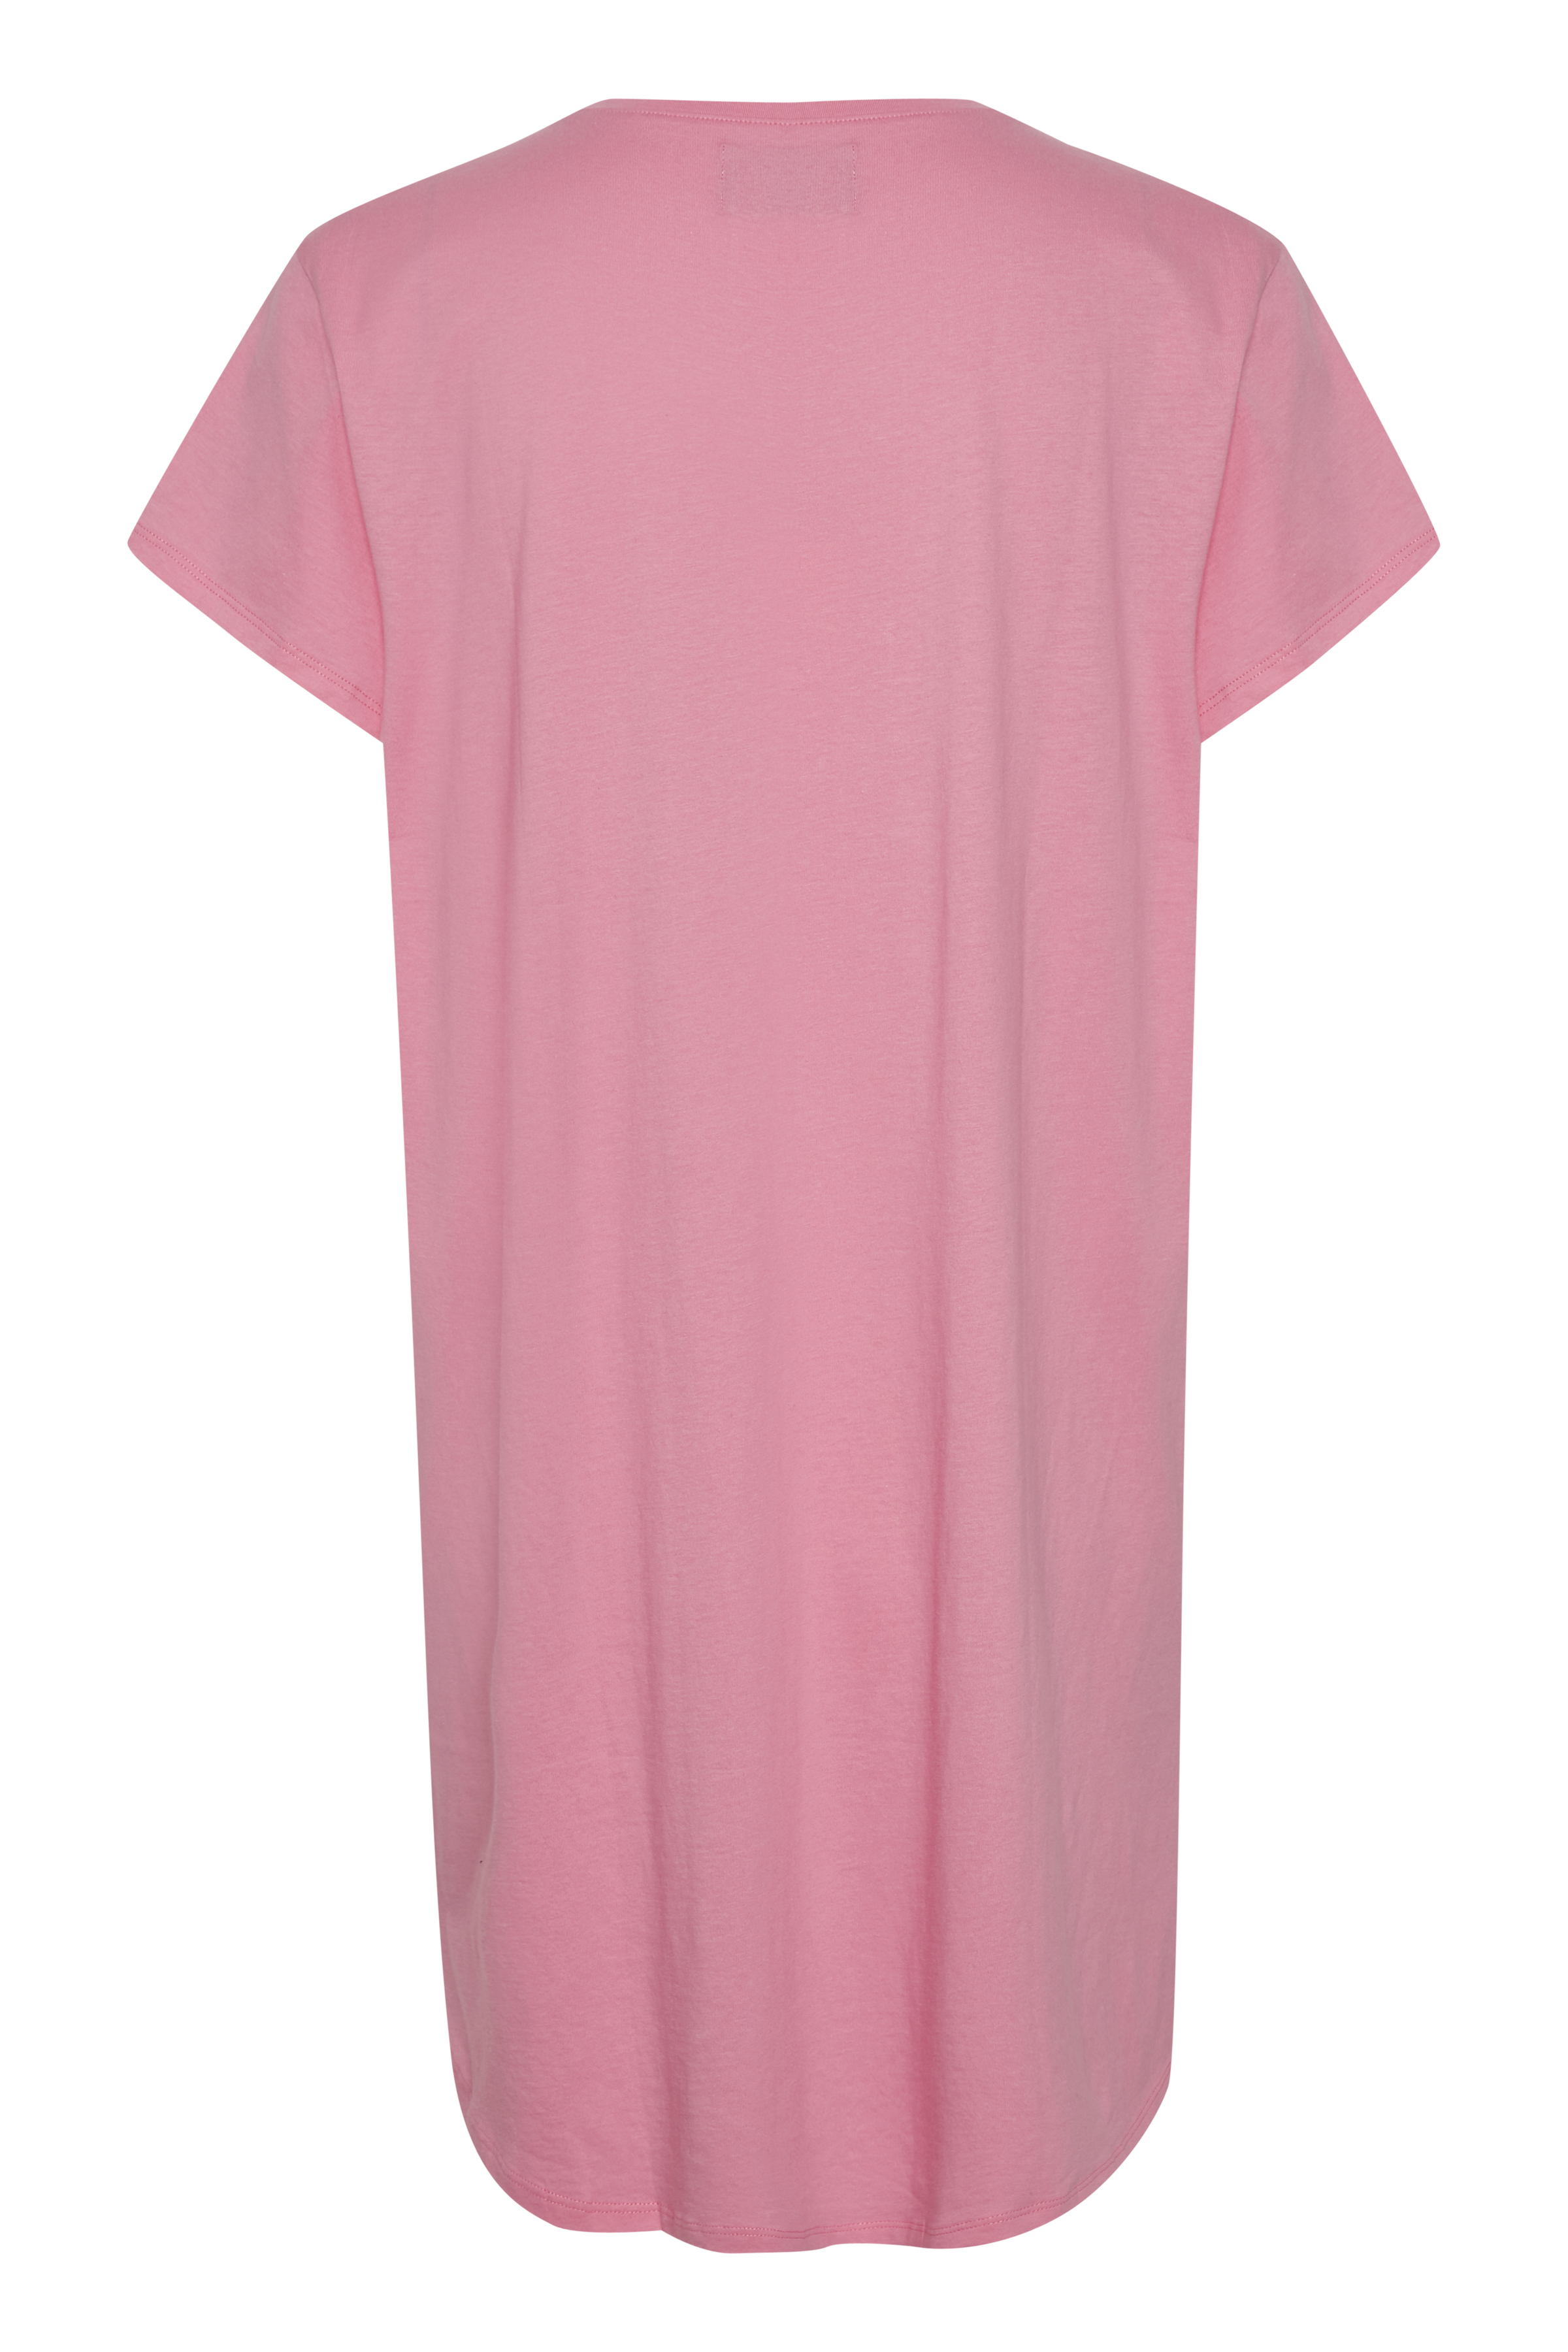 Dimrosa Nattkläder från Triumph – Köp Dimrosa Nattkläder från stl. 36-48 här